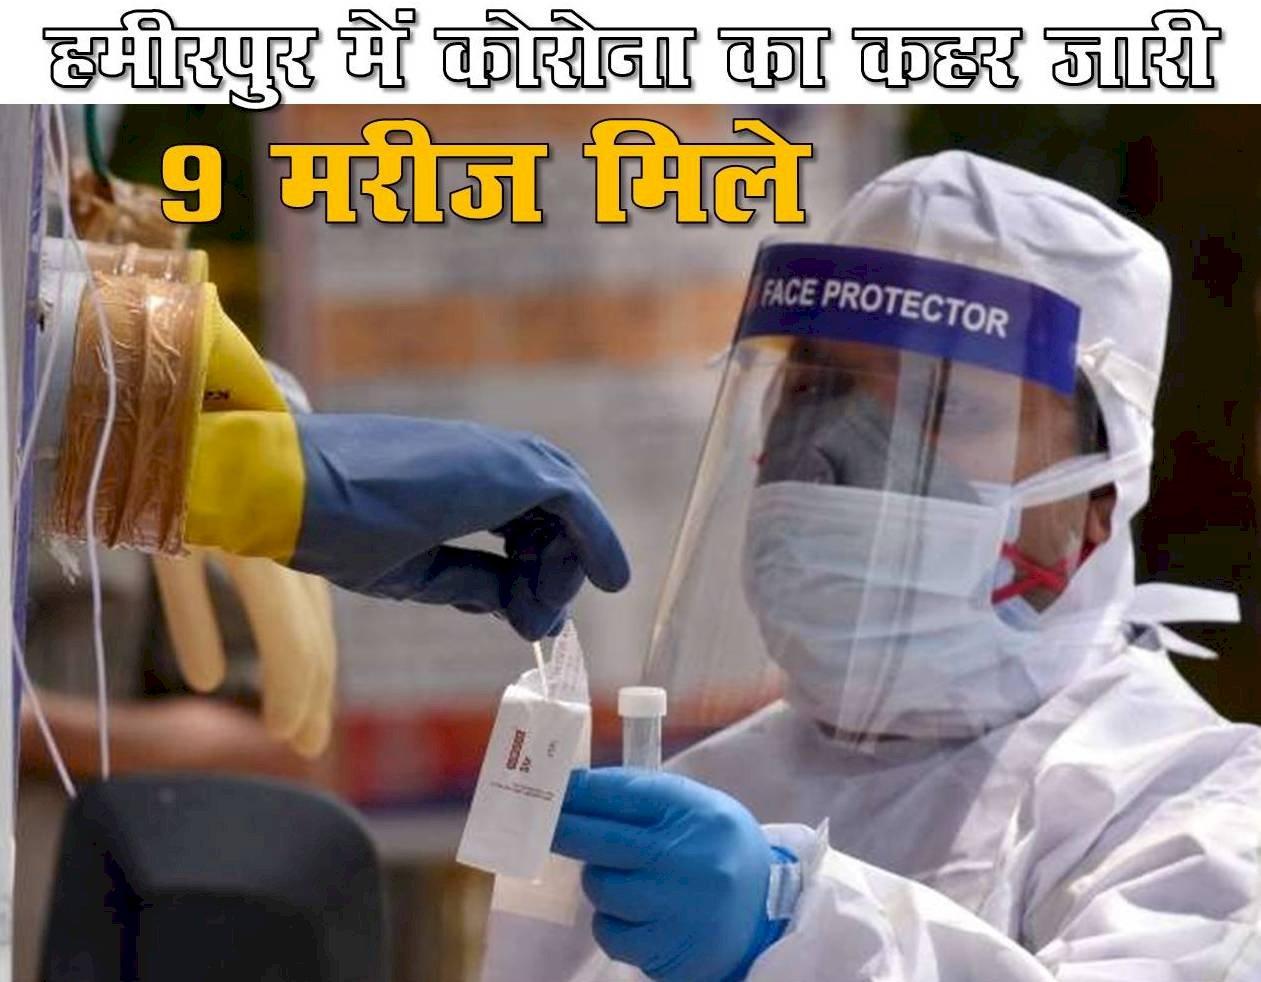 हमीरपुर में कोरोना का तांडव जारी, 9 पाॅजिटिव फिर से